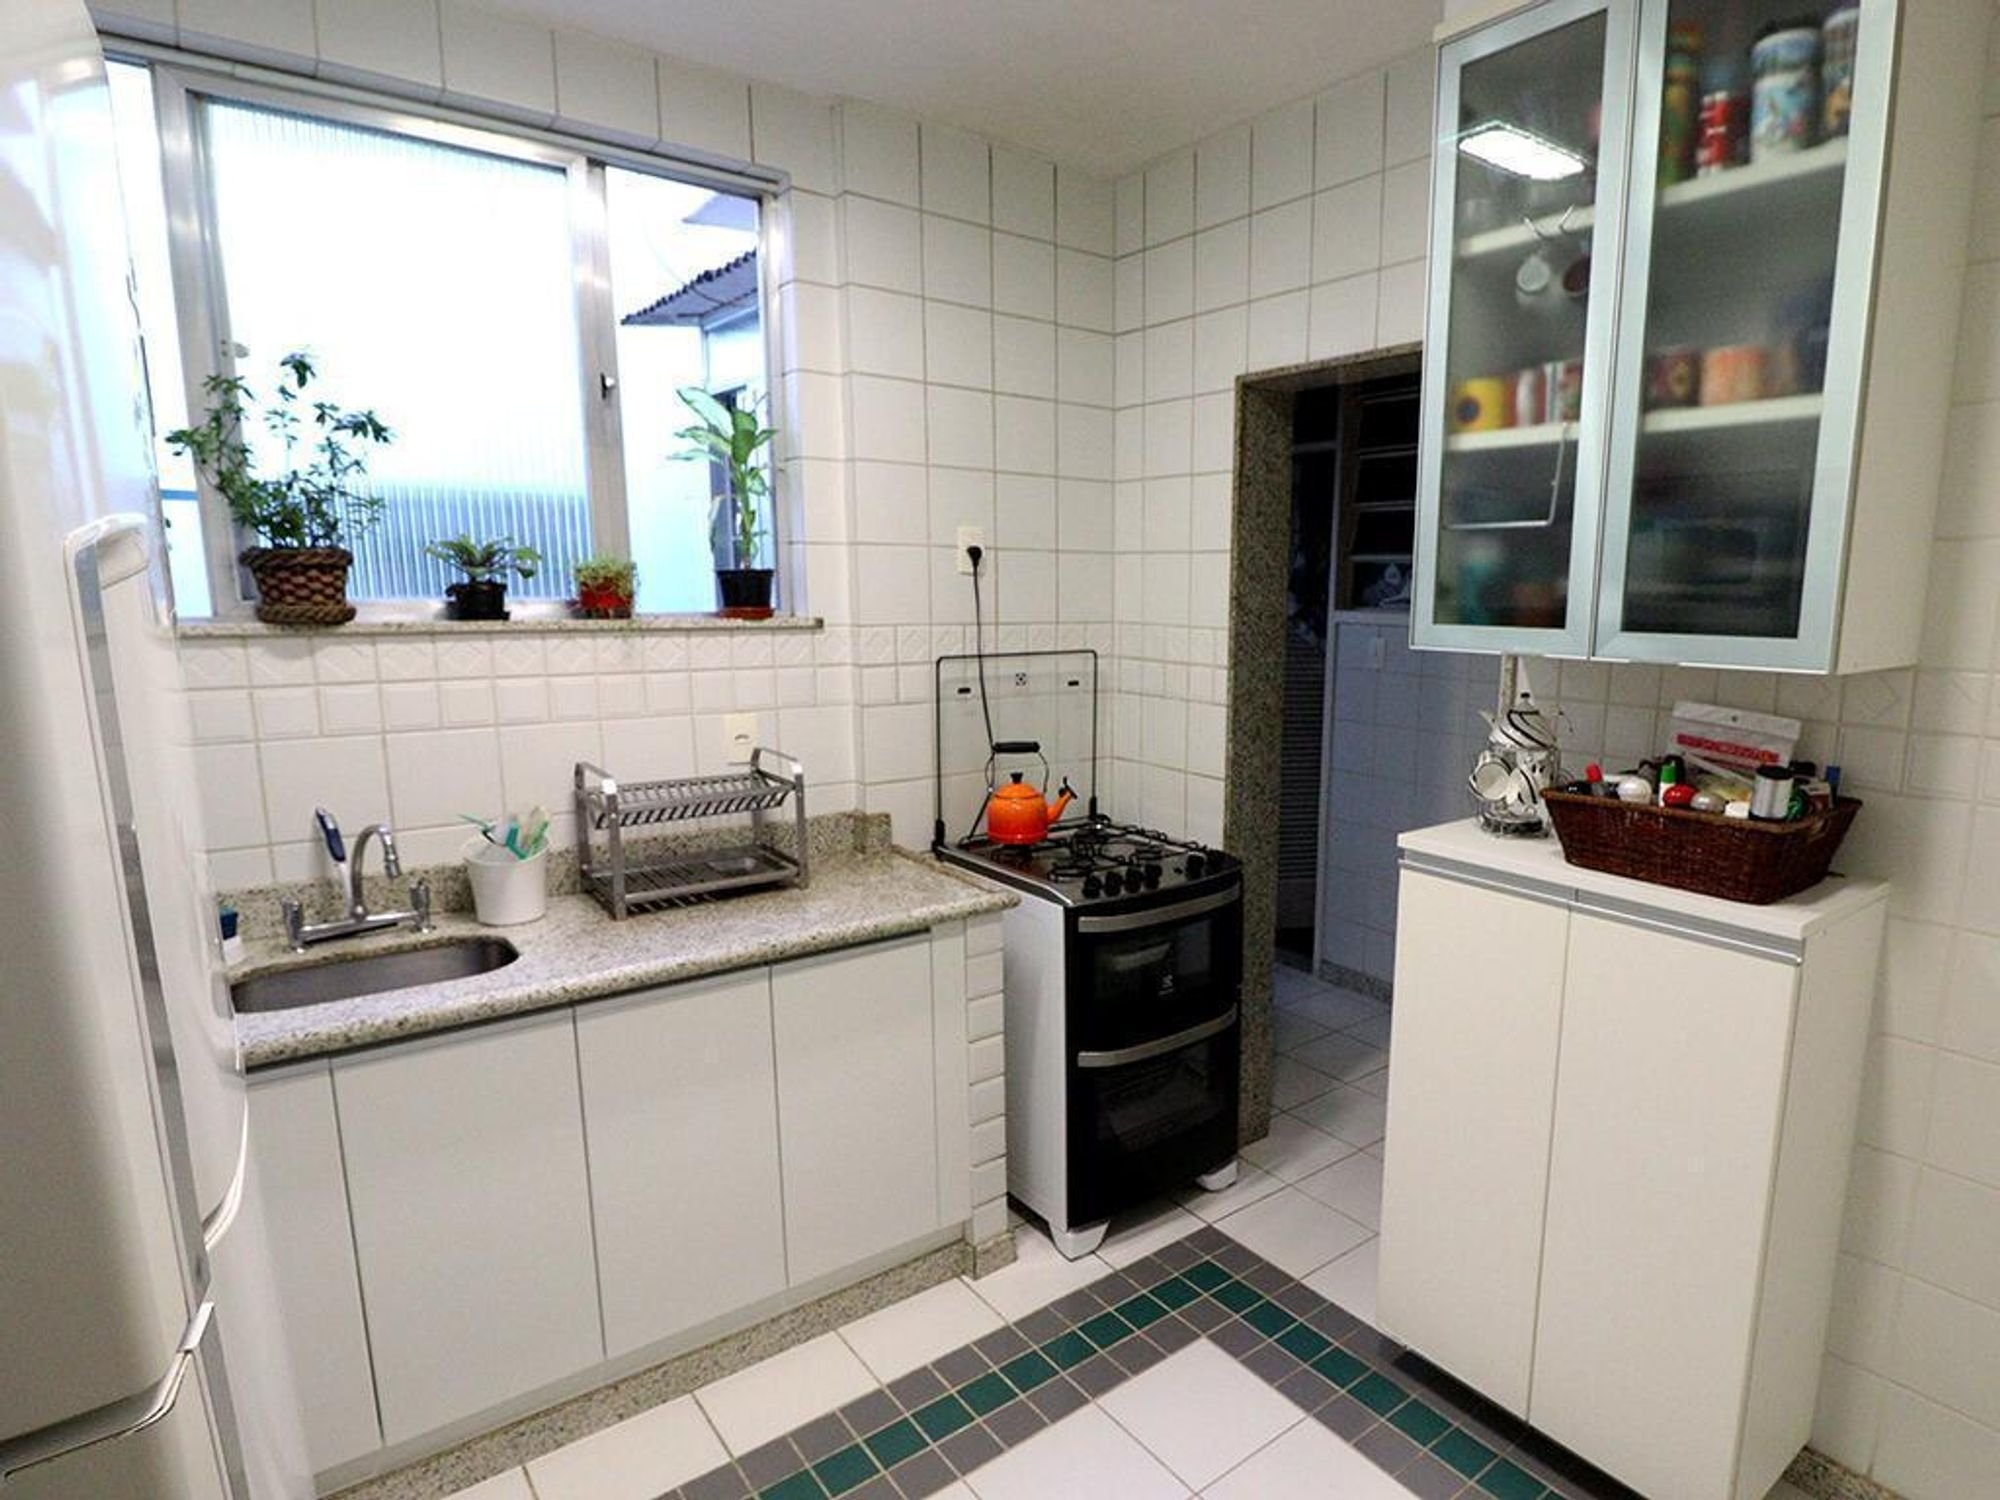 Foto de Cozinha com vaso de planta, forno, pia, xícara